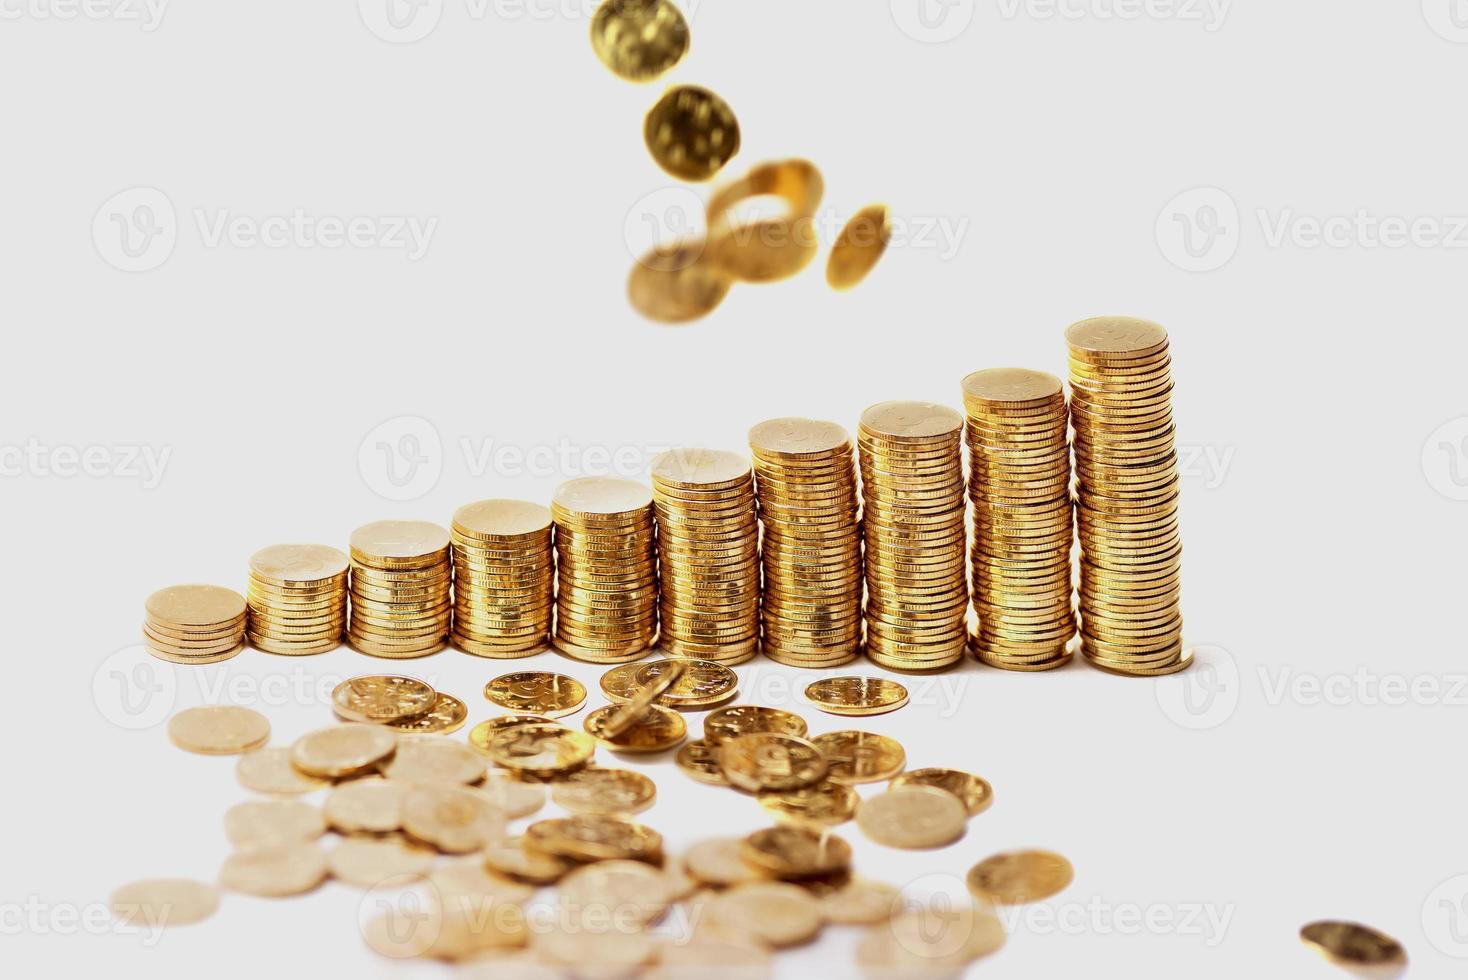 regn från gyllene mynt foto